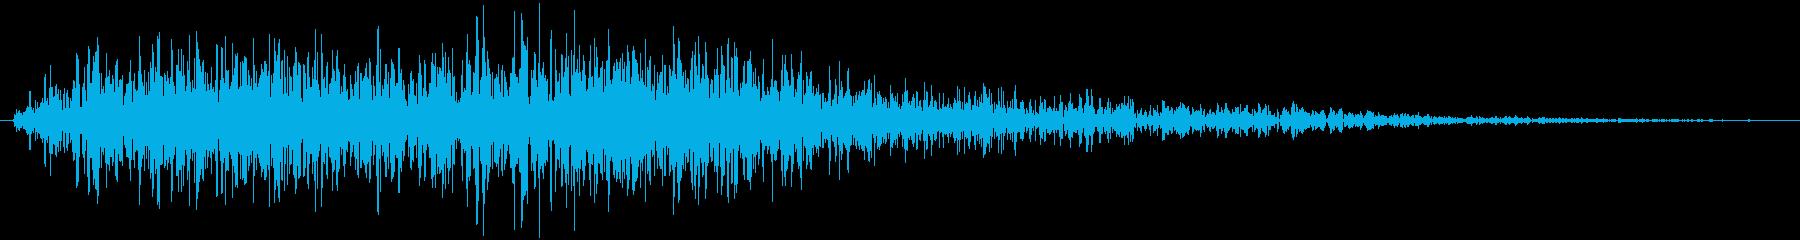 オケヒット クイズ番組 デデンの再生済みの波形